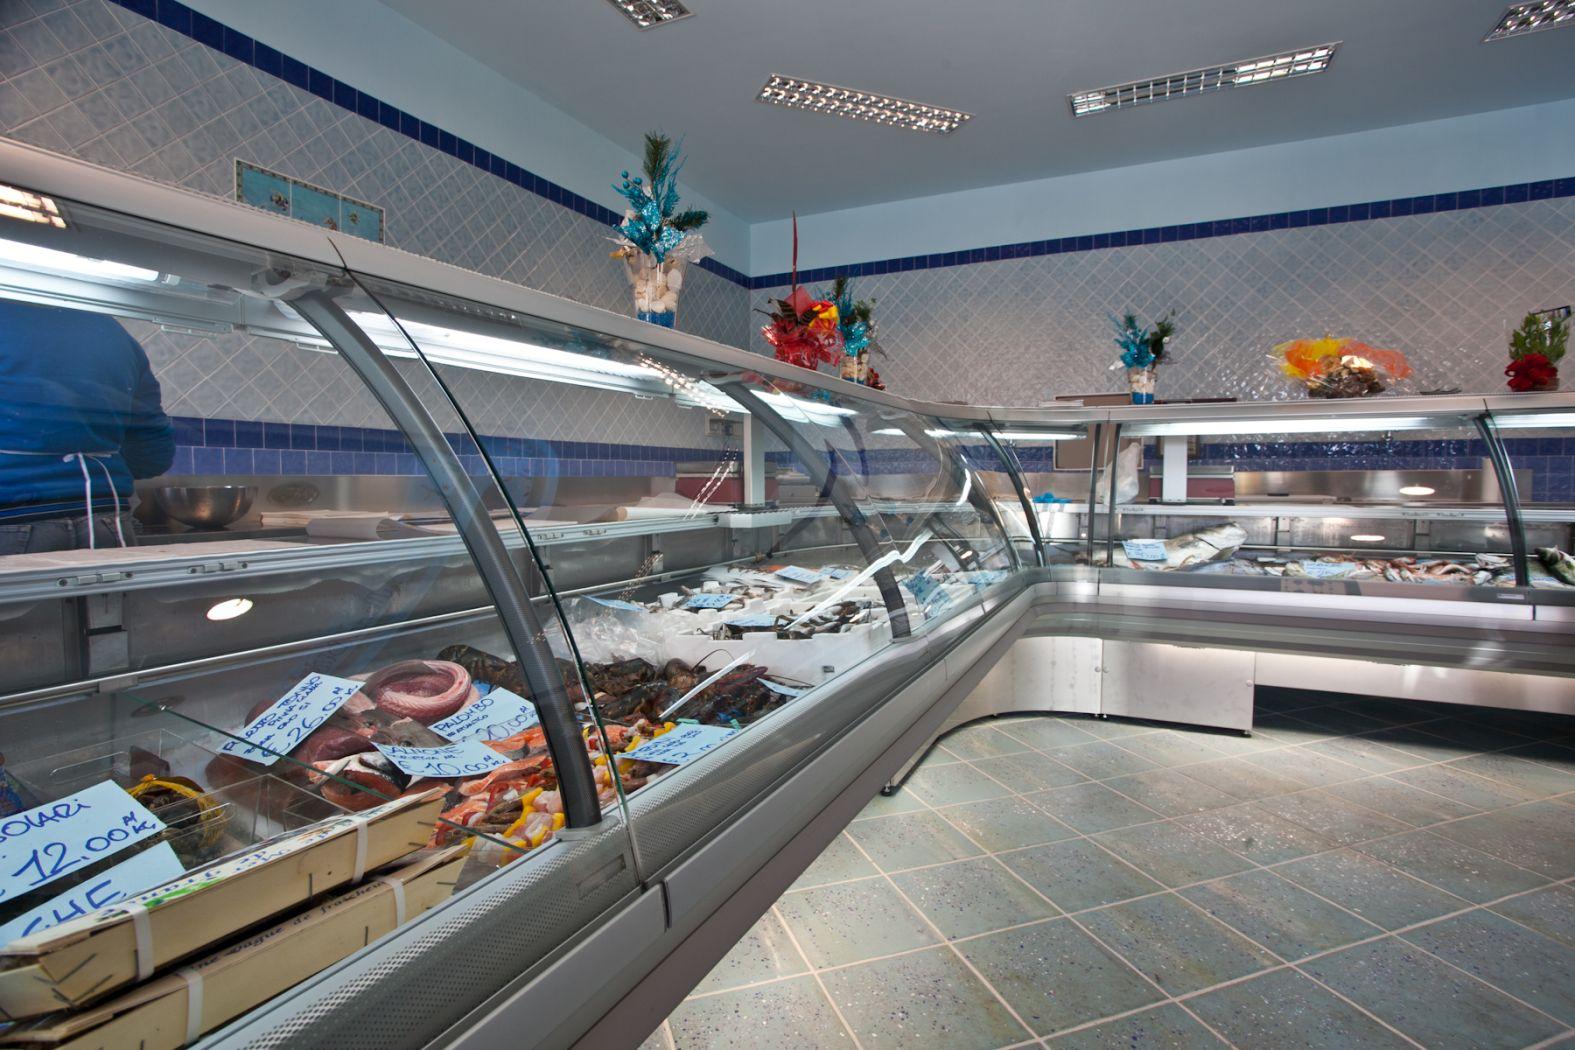 Arredamento negozi avellino offerte usato for Arredamento napoli offerte